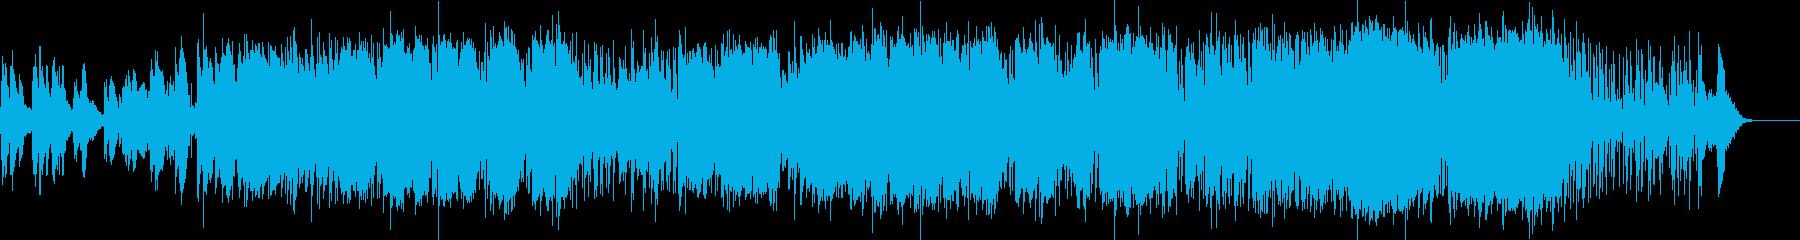 幻想的な不思議な曲の再生済みの波形